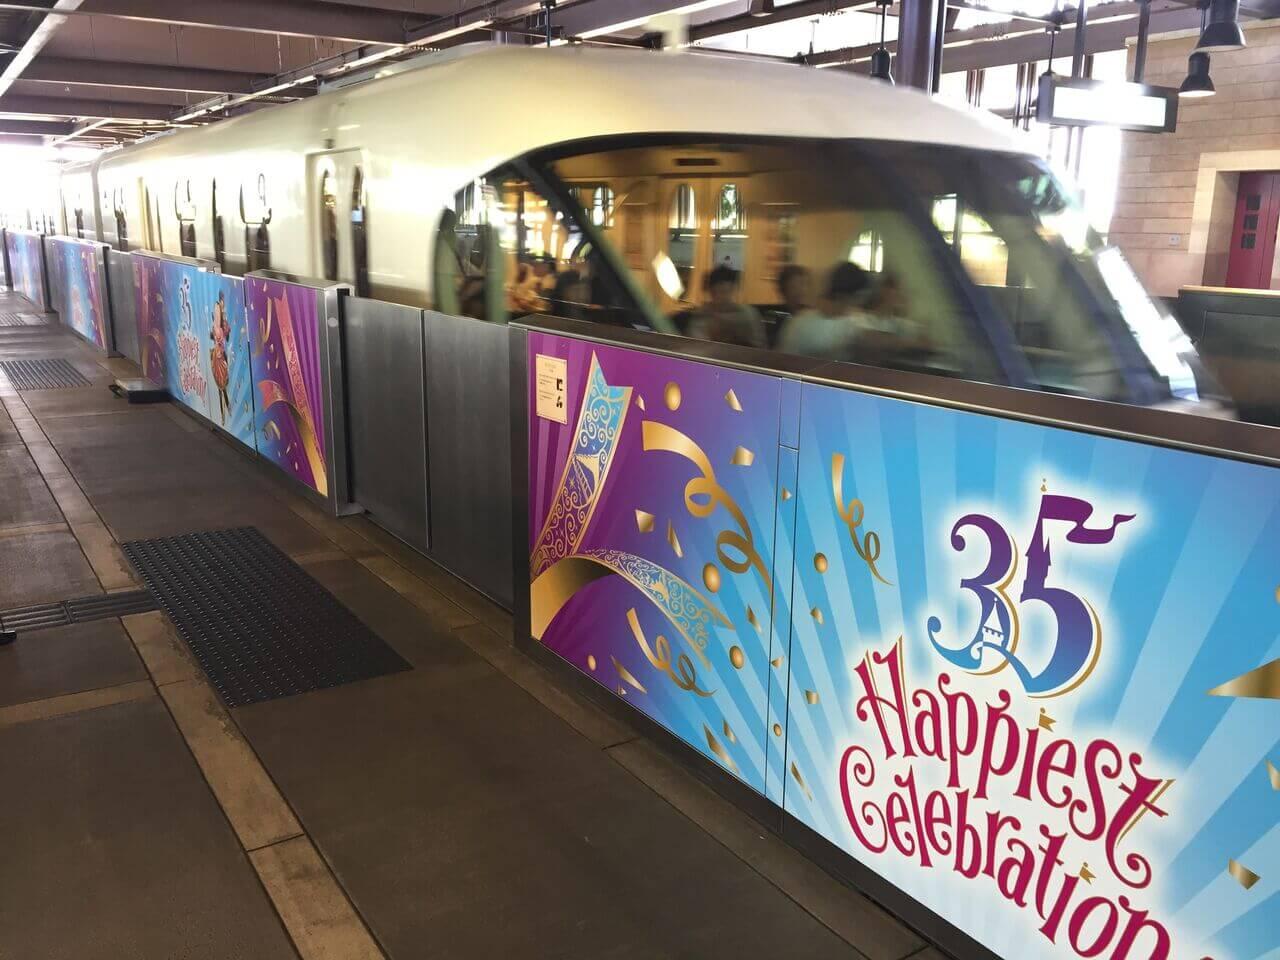 ディズニー・リゾートライン(モノレール)で舞浜駅へ